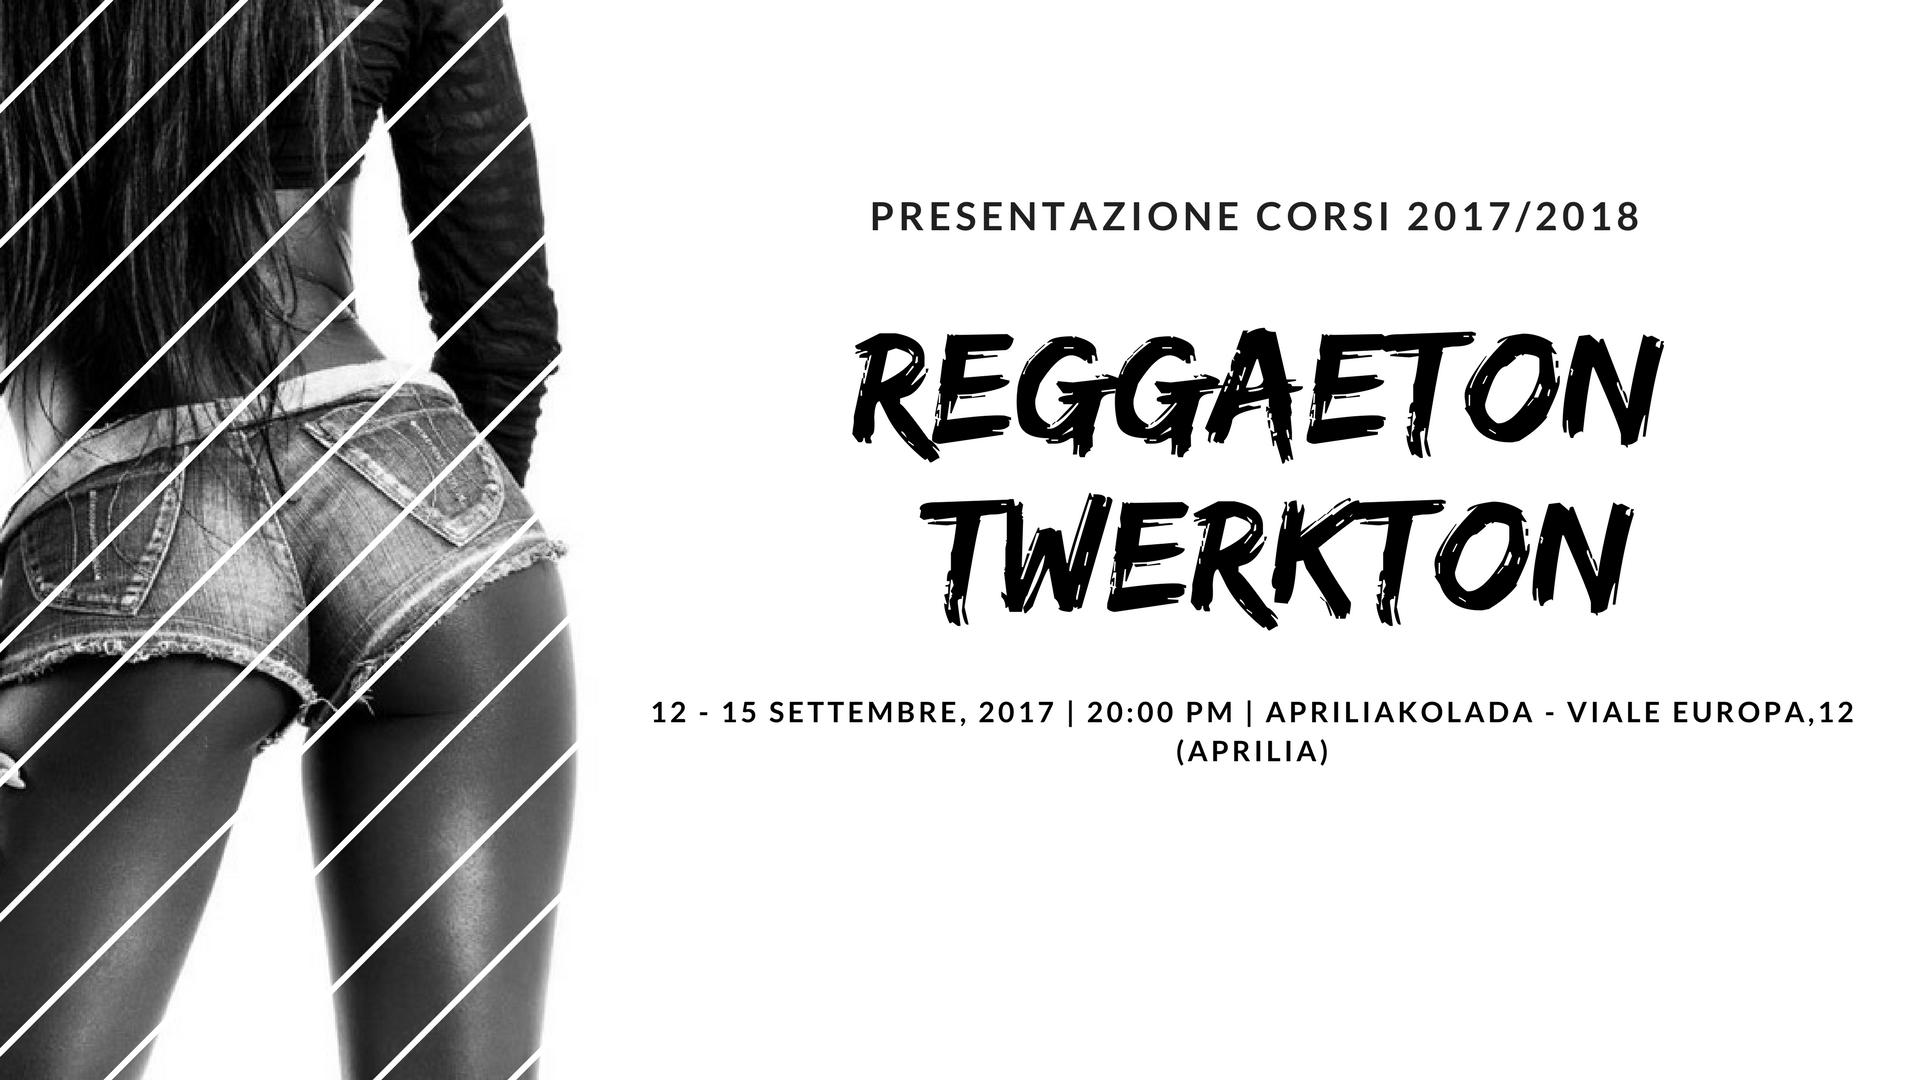 Reggaeton - Twerkton